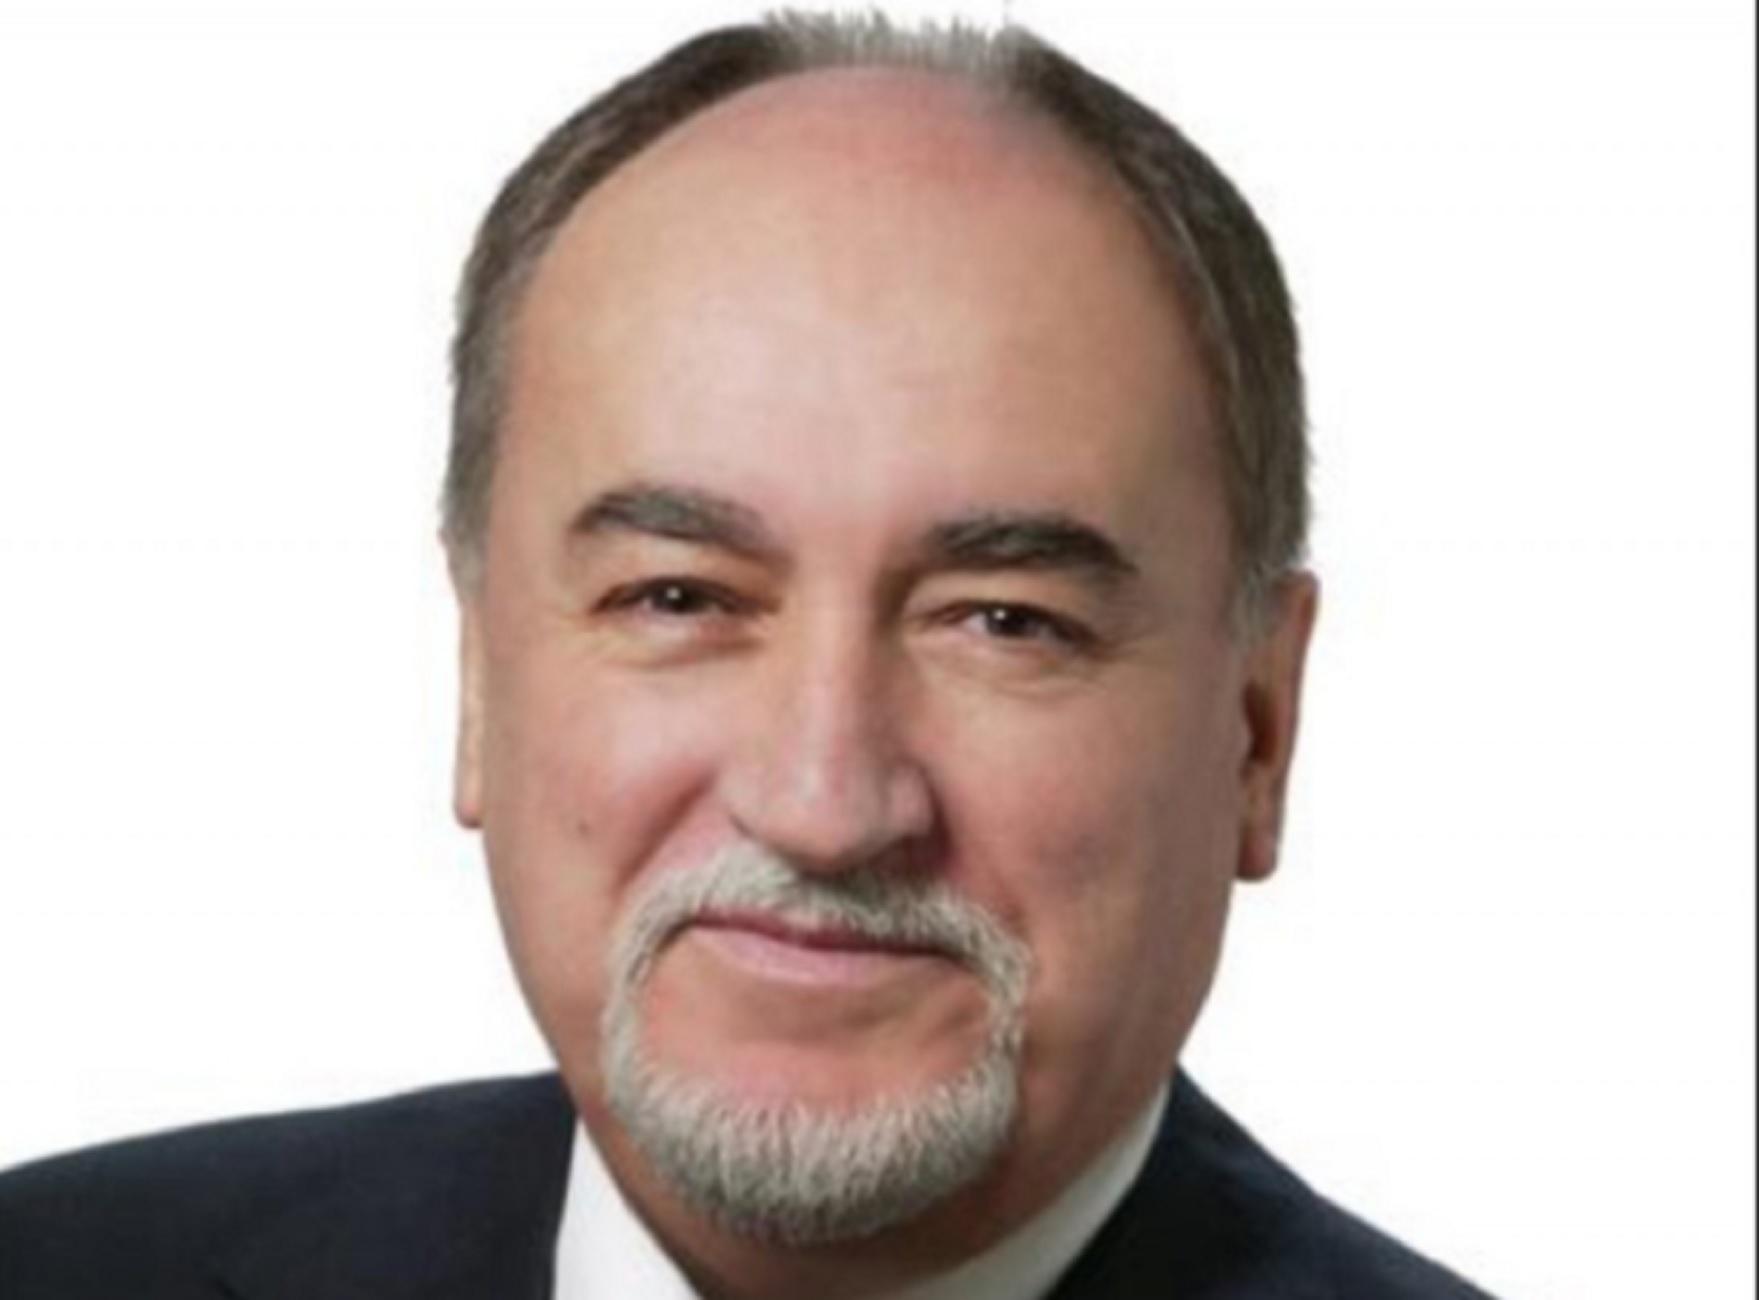 Αδάμ Ρεγκούζας: Το τελευταίο αντίο του Κυριάκου Μητσοτάκη στον πρώην υφυπουργό οικονομικών που πέθανε